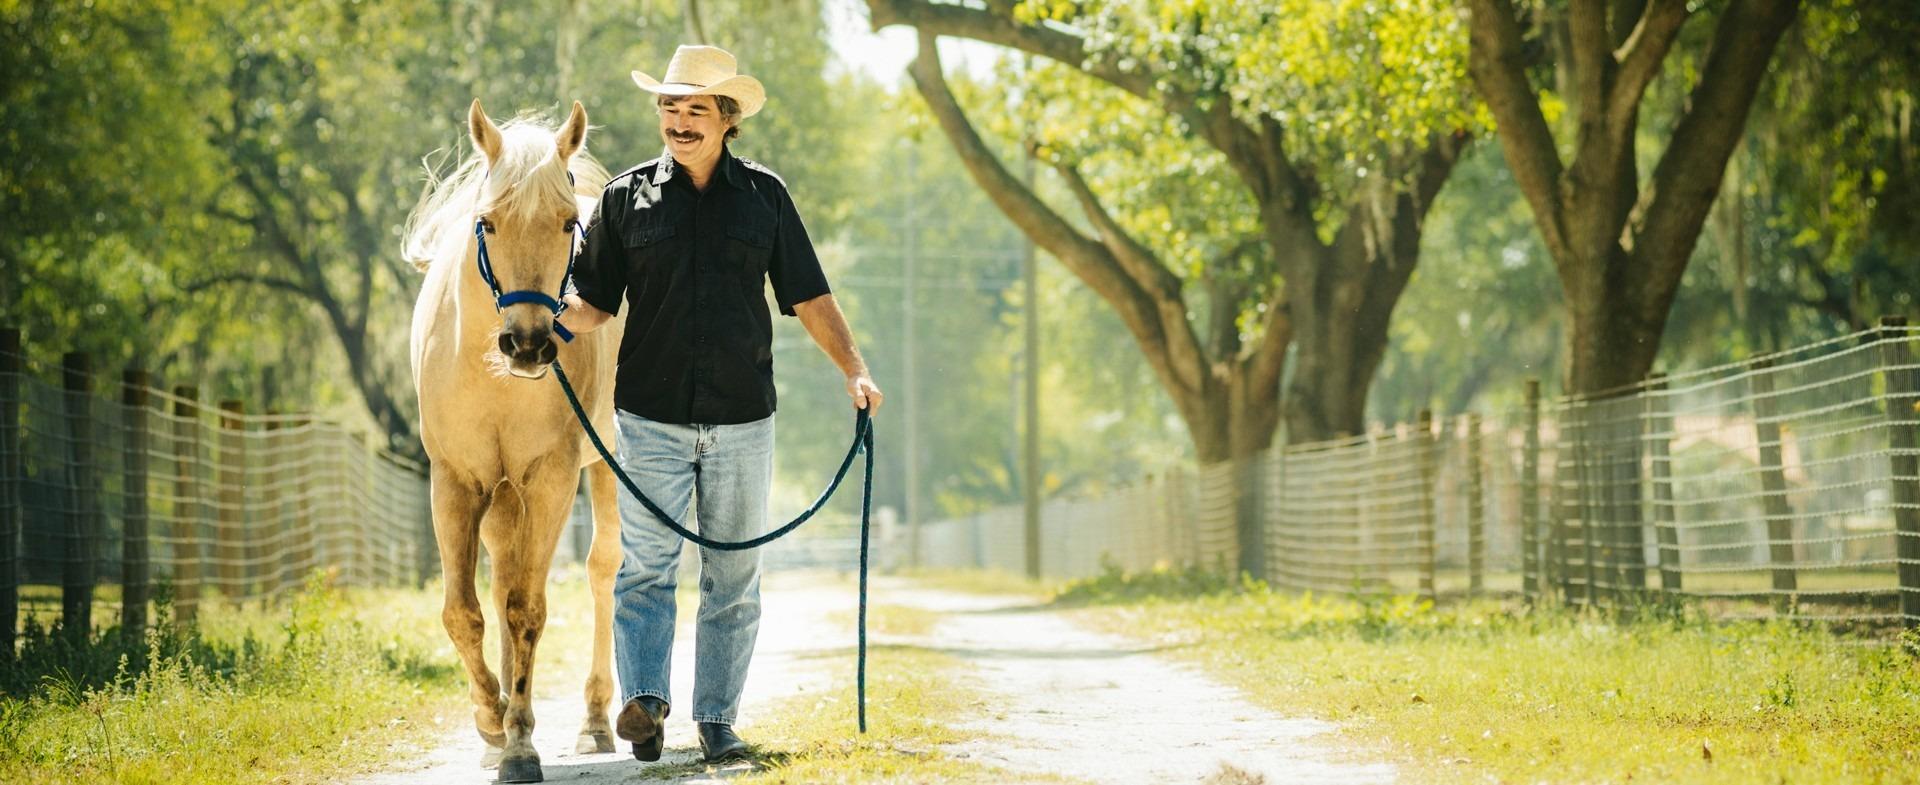 Man walking his horse